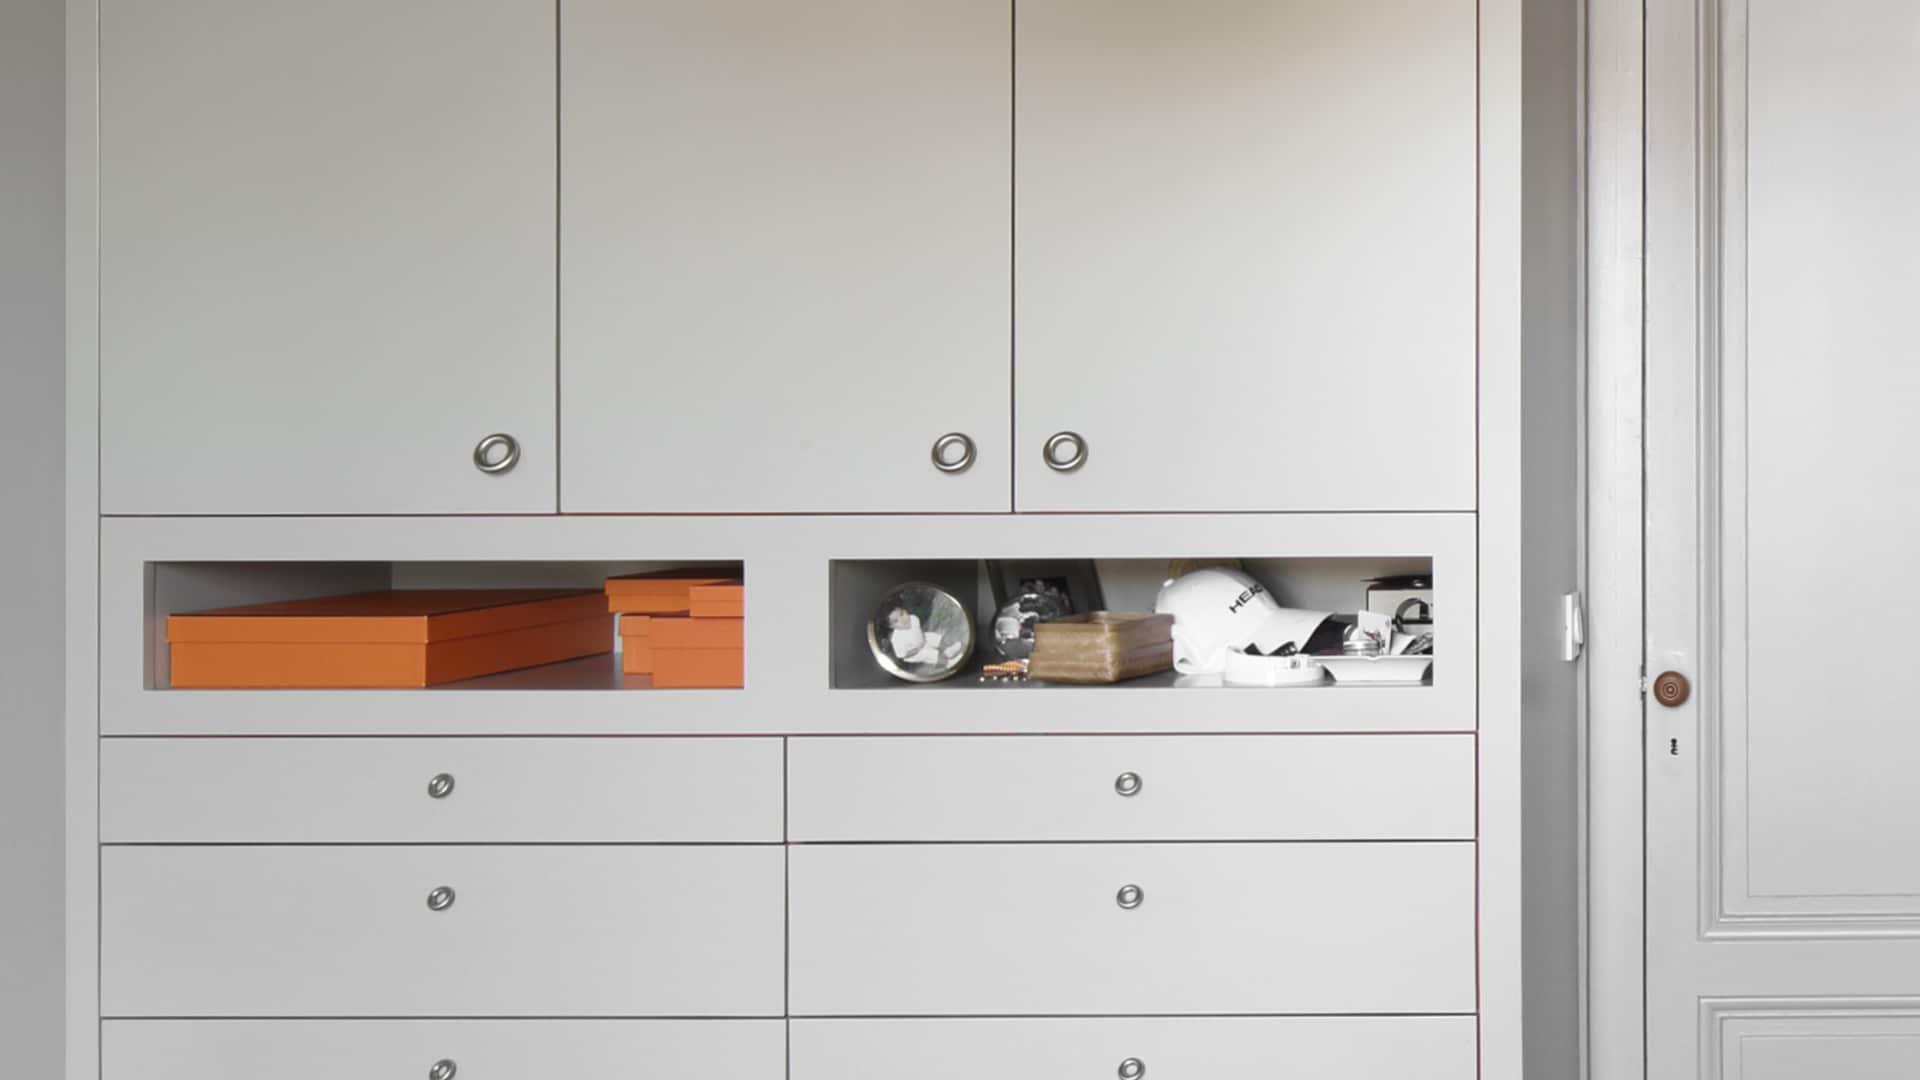 Meuble Sur Mesure Bordeaux design mobilier - agencement de rangements pour une chambre